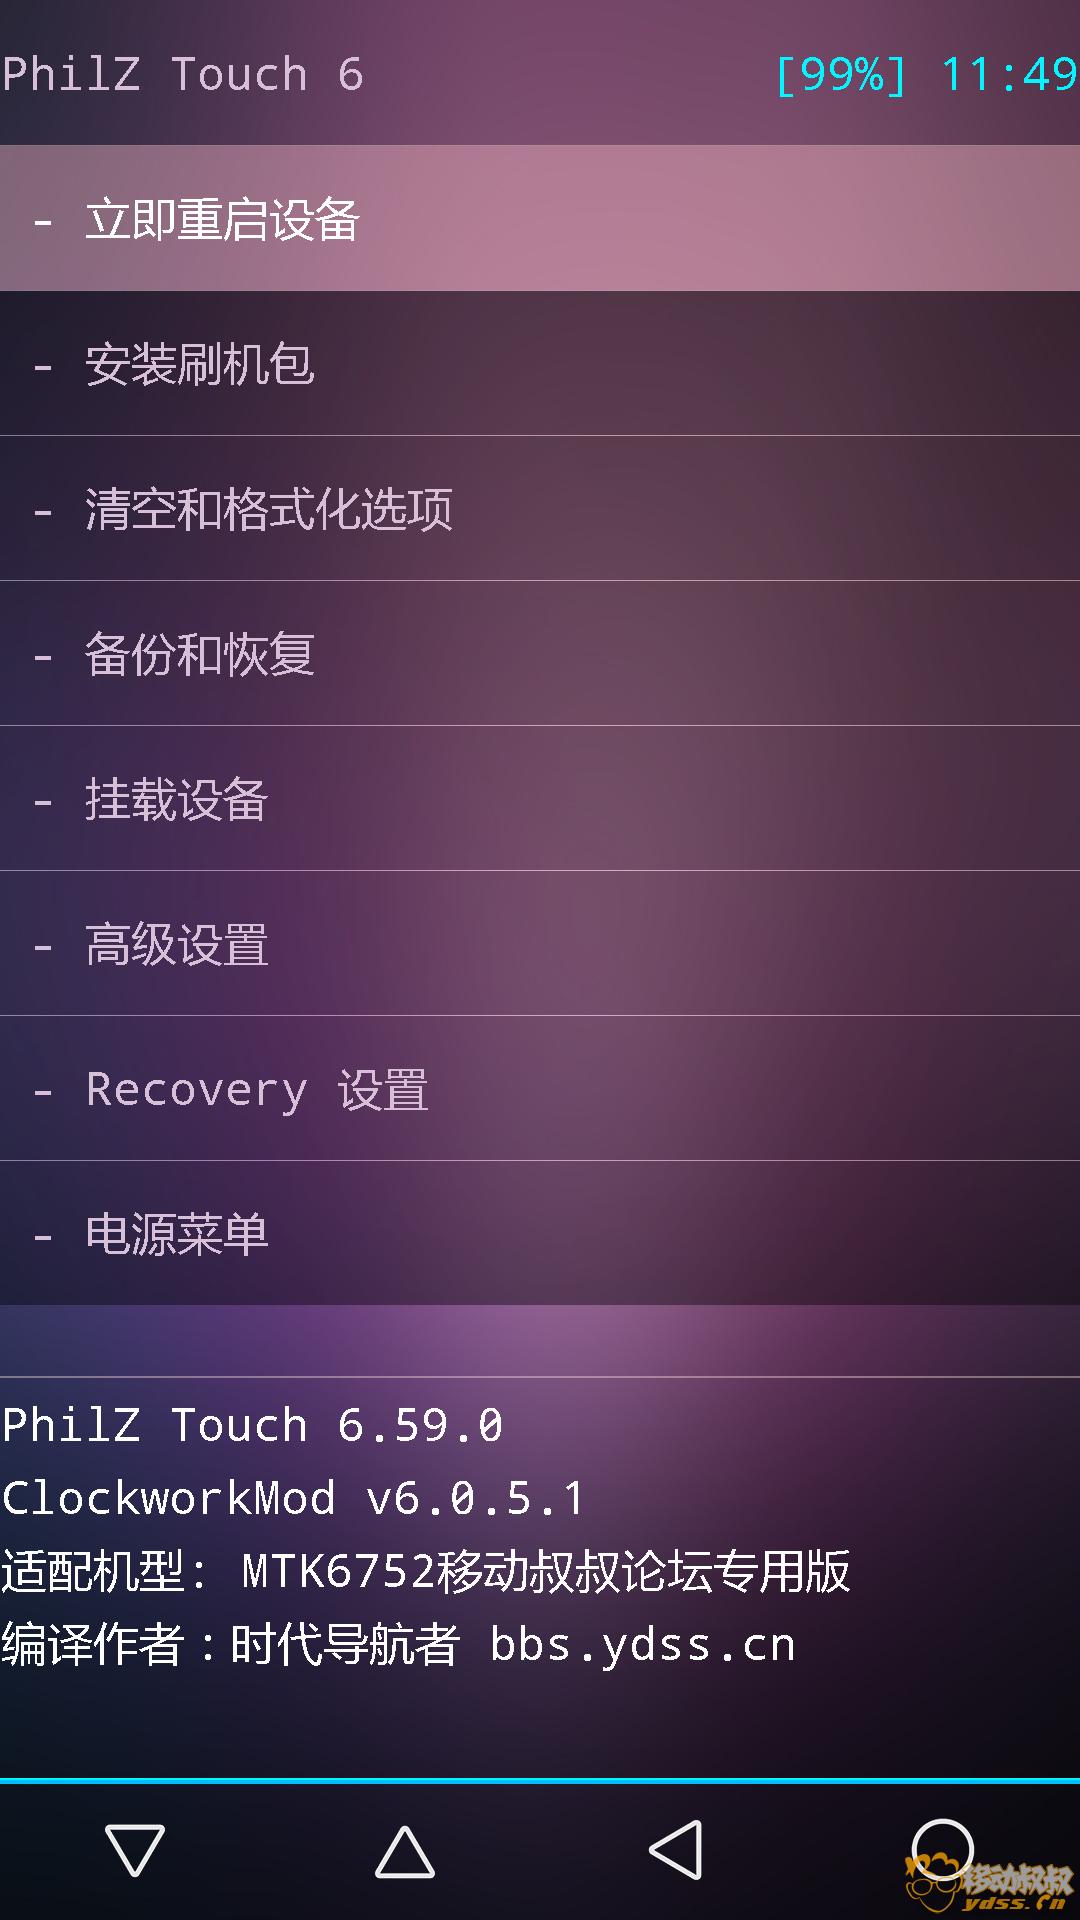 cwm_screen002.png